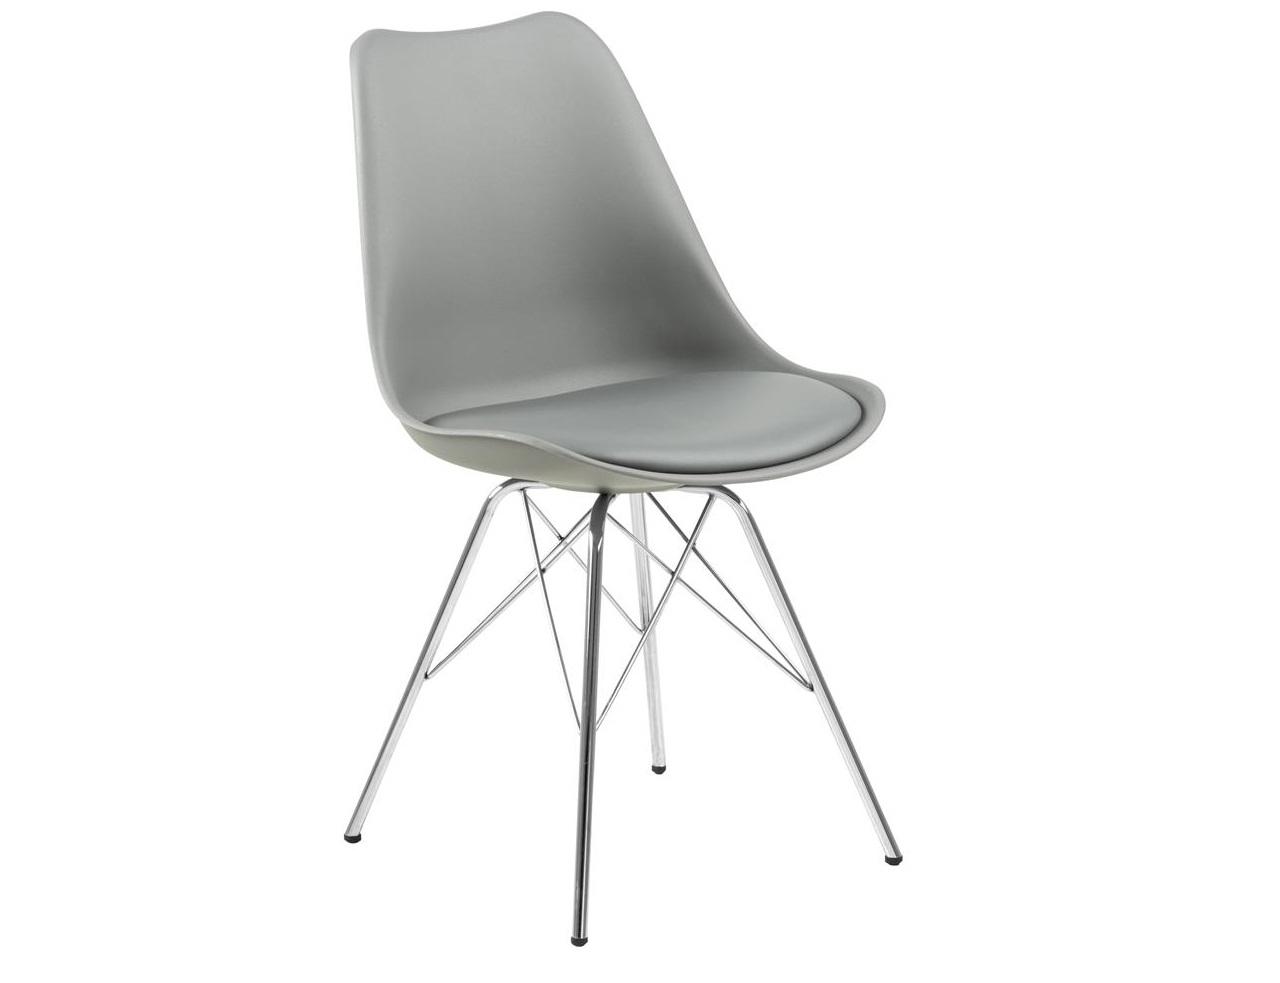 Scaun din plastic, sezut tapitat cu piele ecologica si picioare metalice Eris Gri / Crom, l48,5xA54xH85,5 cm